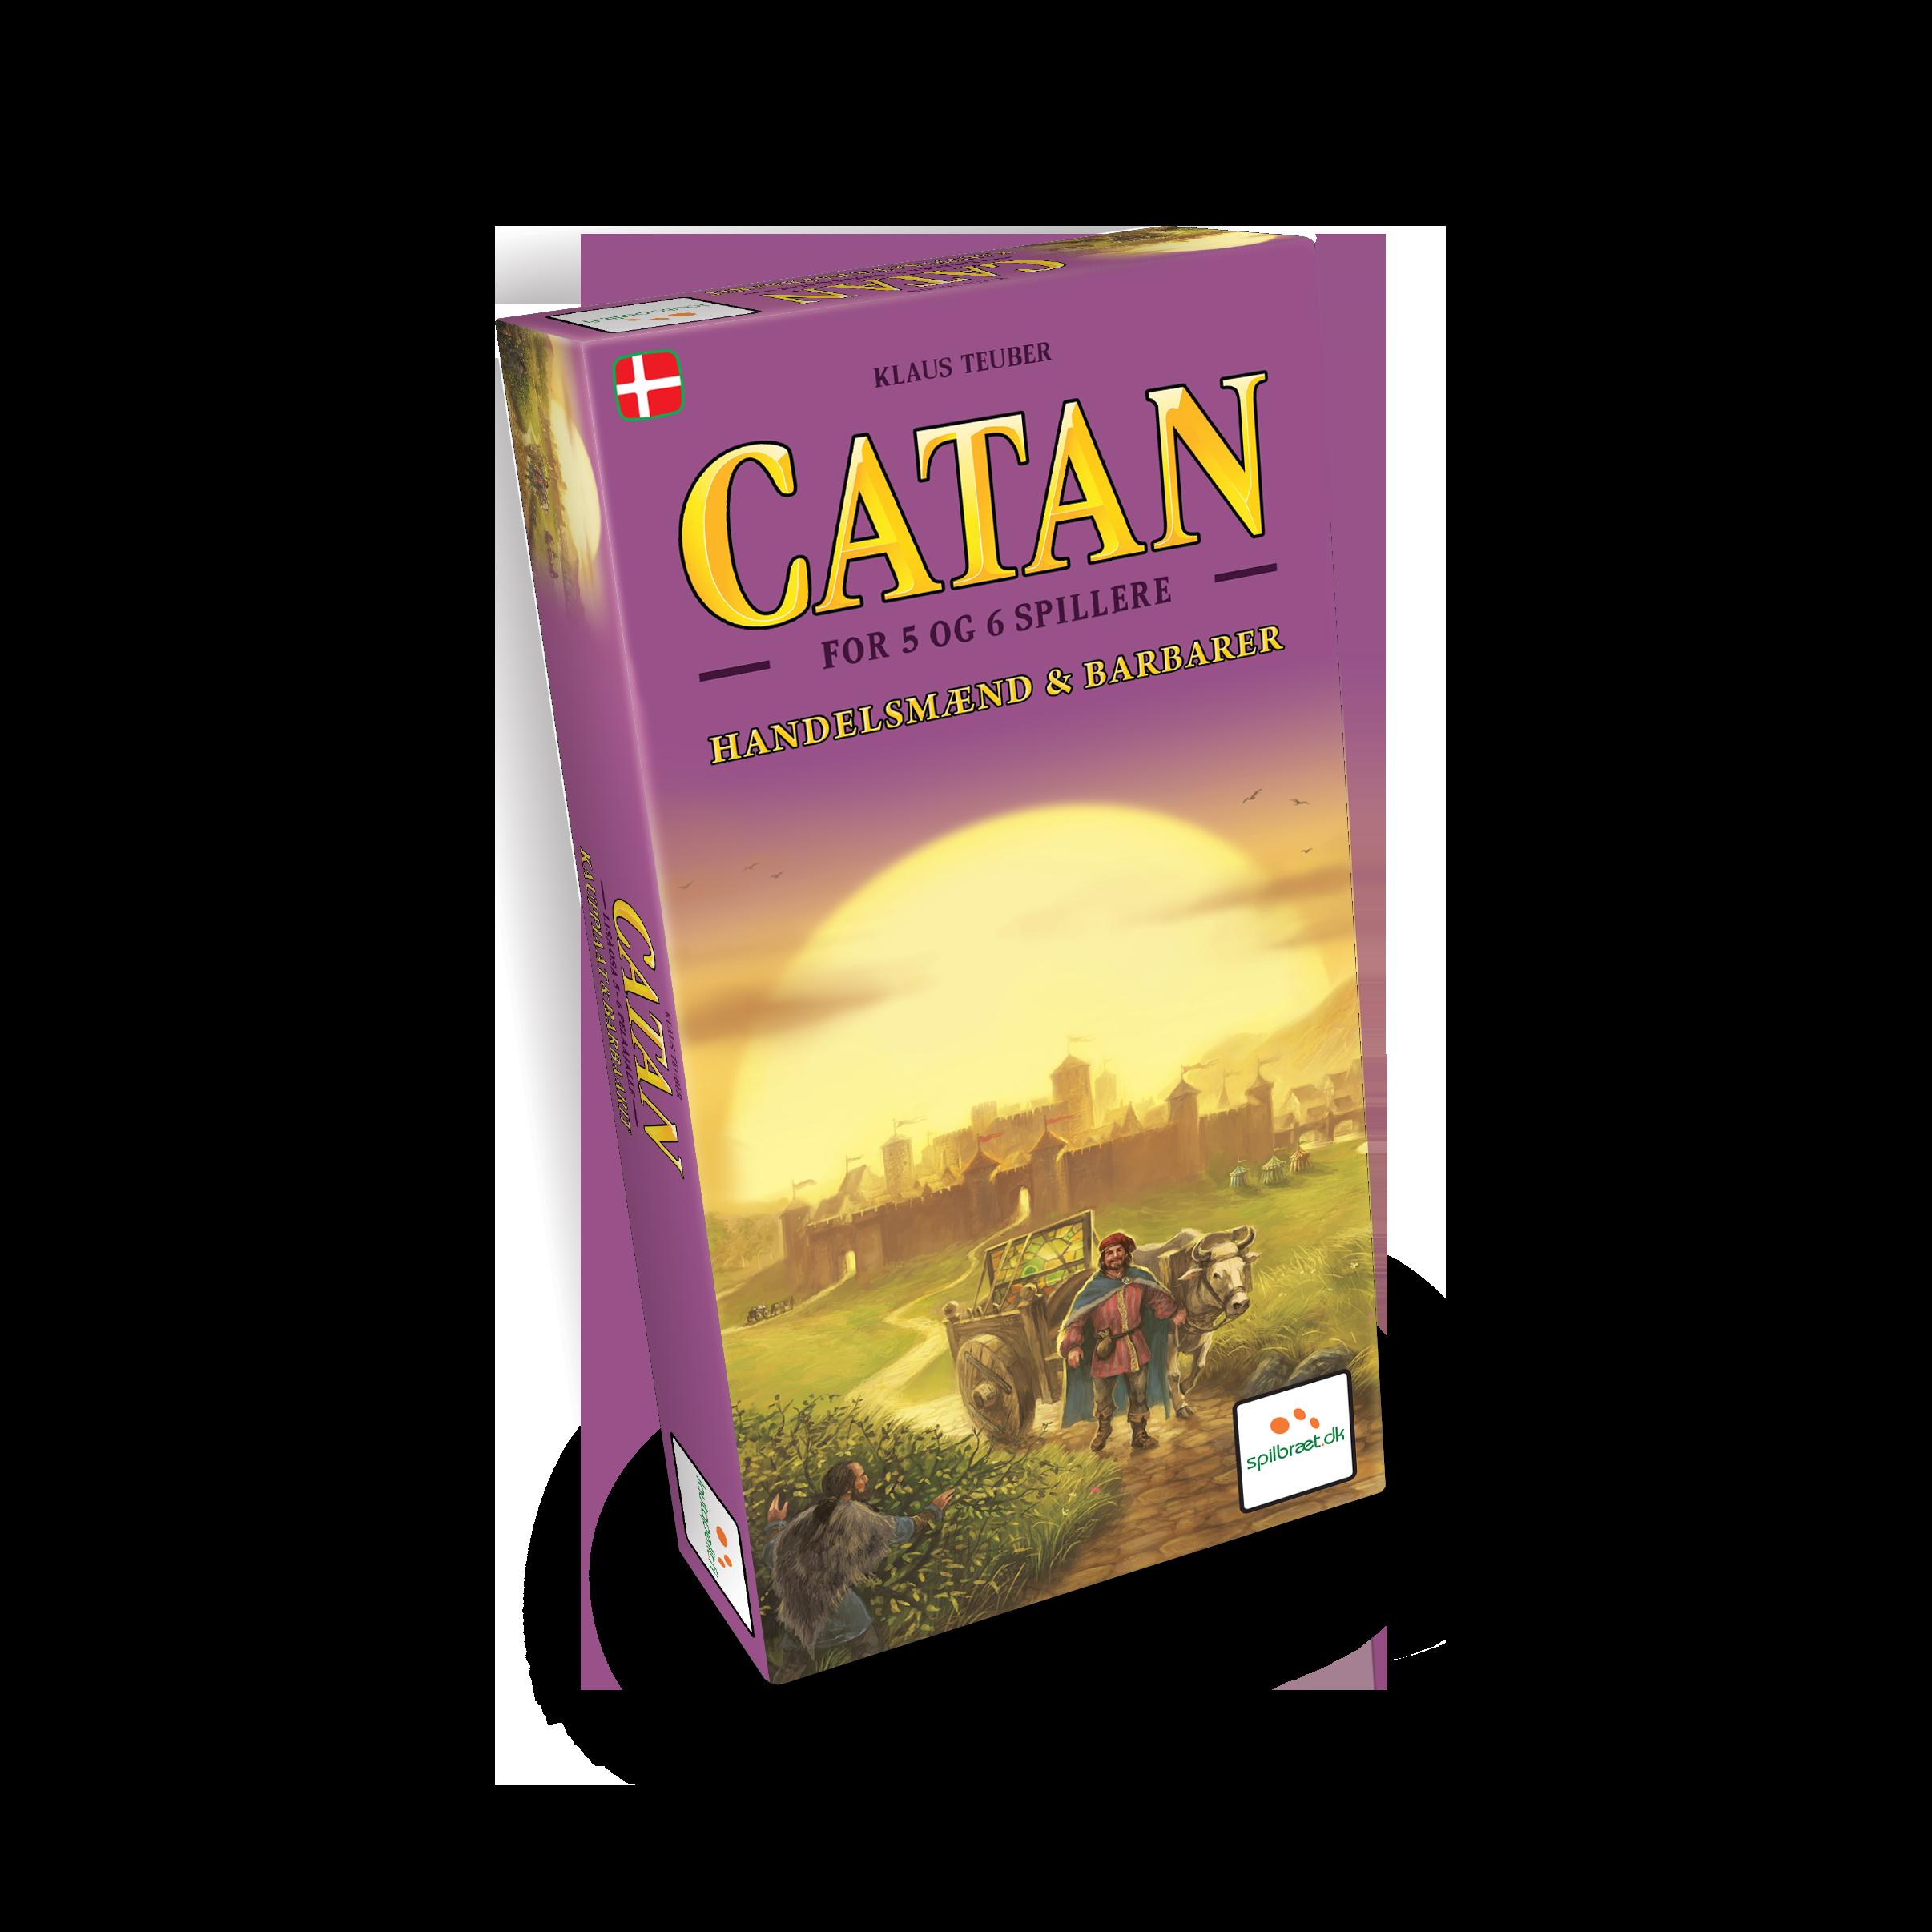 Braetspil-Settlers-fra-Catan-Handelsmaend-og-barbarere-udvidelse